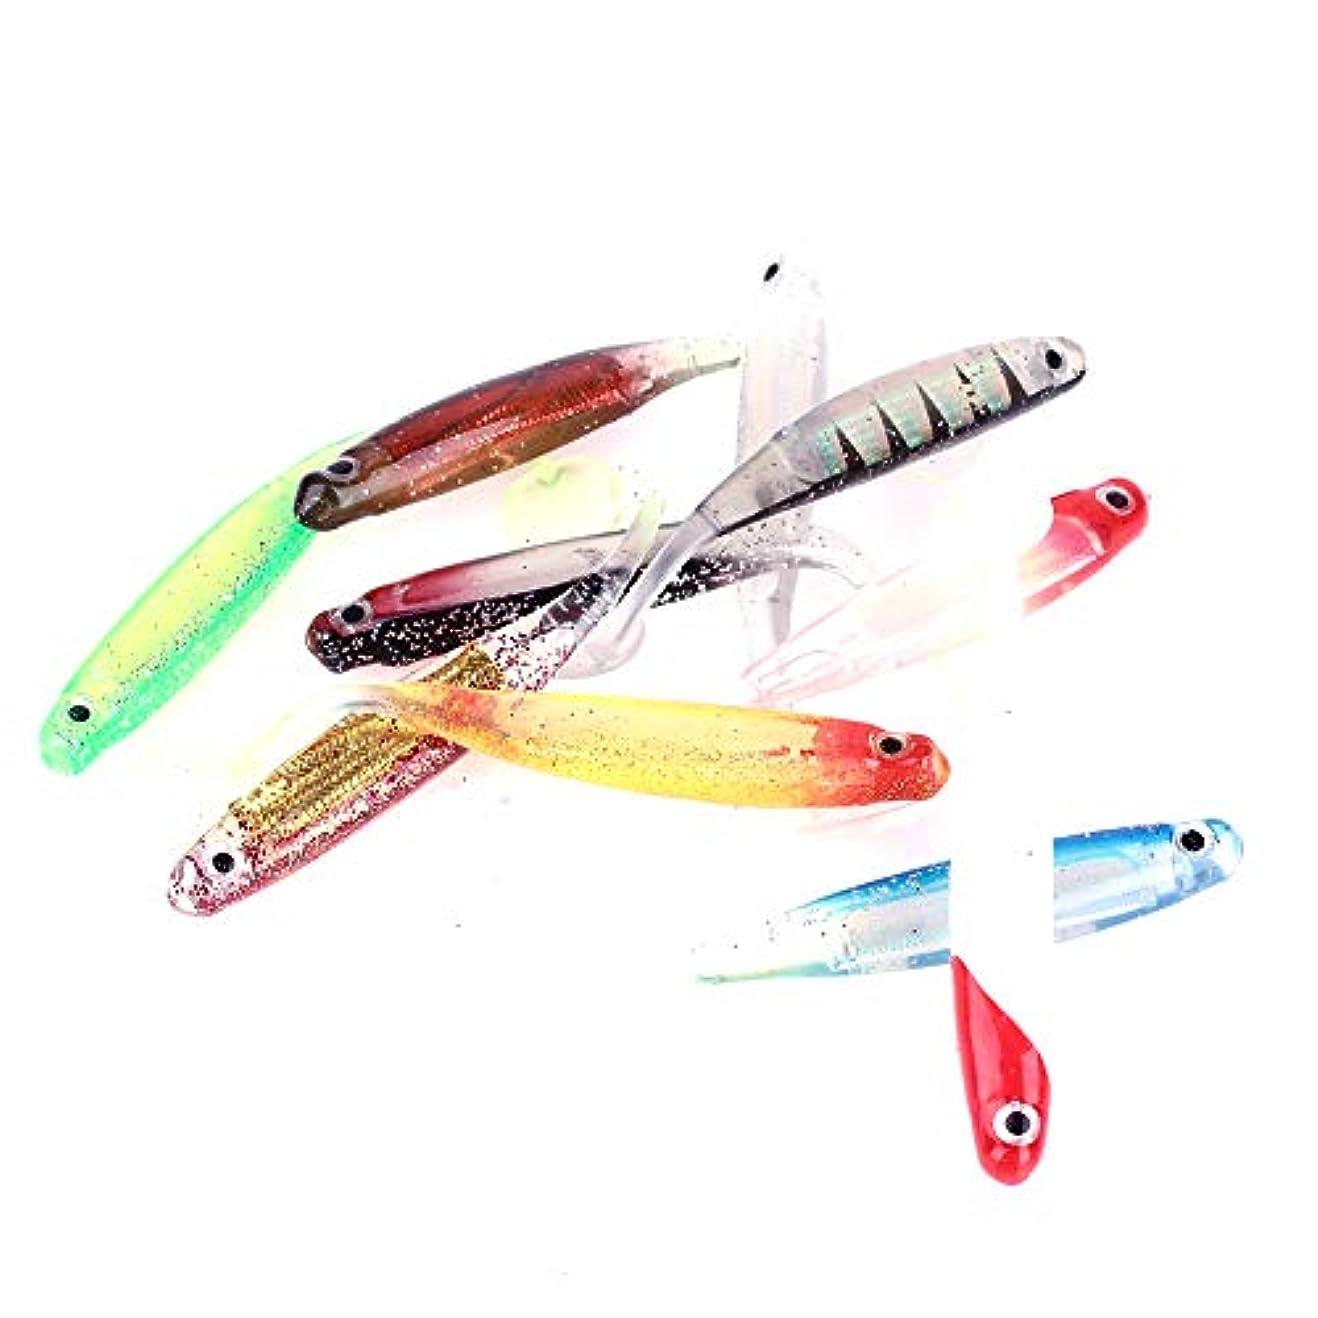 計画的広告主メガロポリスBolange バイオニックベイト 耐久性 シリコーン魚 with 10PCS /セット 色 釣り餌 フェイク餌